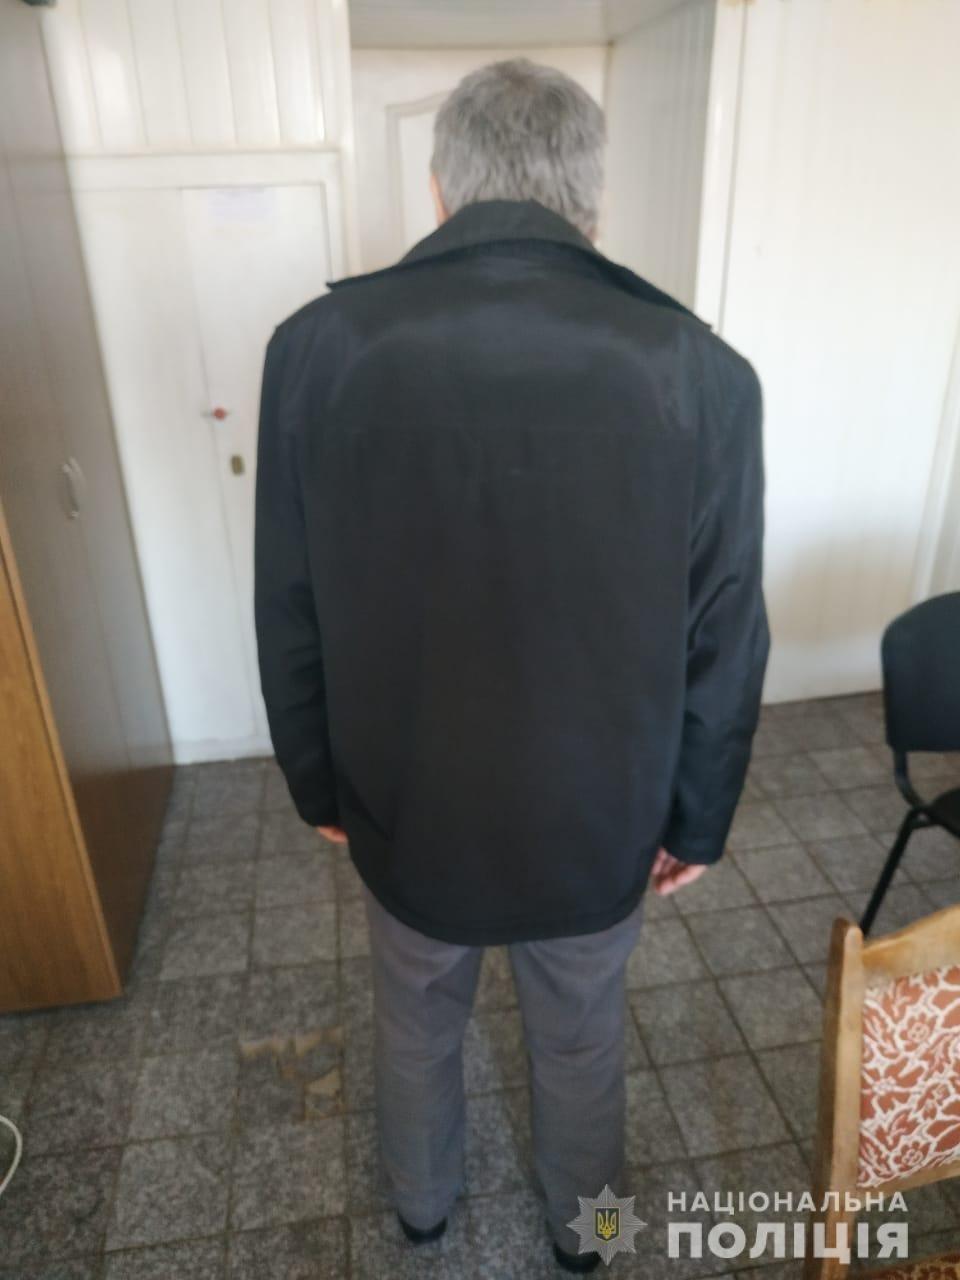 На Днепропетровщине мужчина убил и расчленил женщину из-за нежелания отдавать долг, - ФОТО, фото-2